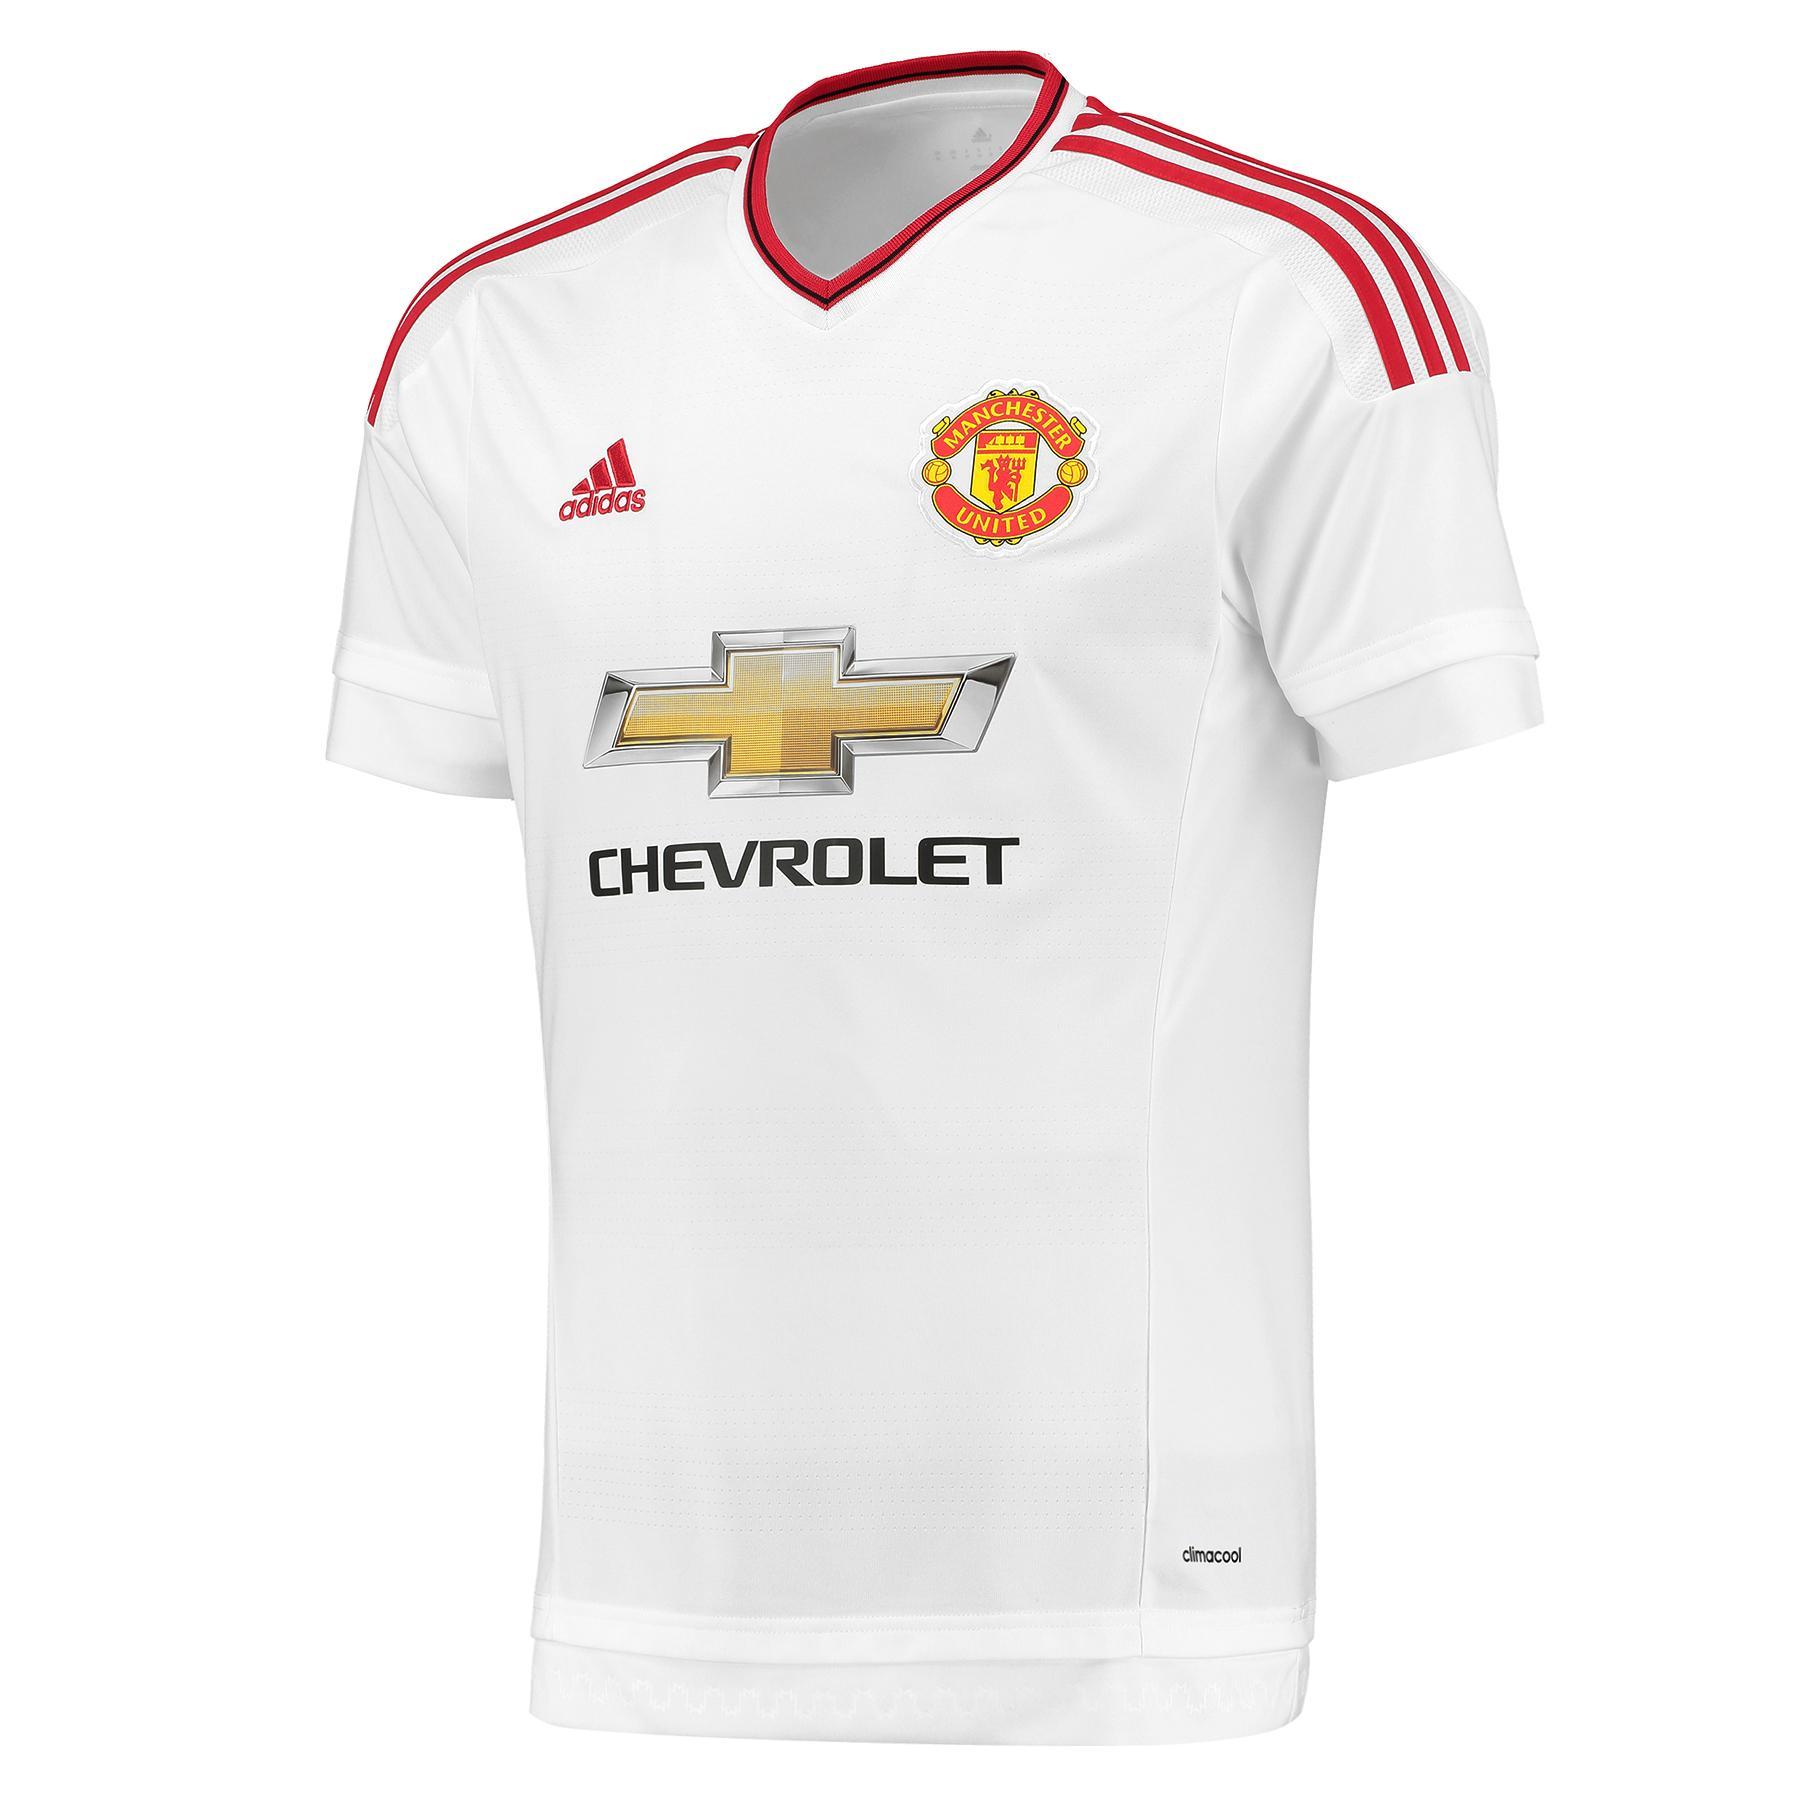 Maillot extérieur Manchester United 2015-2016